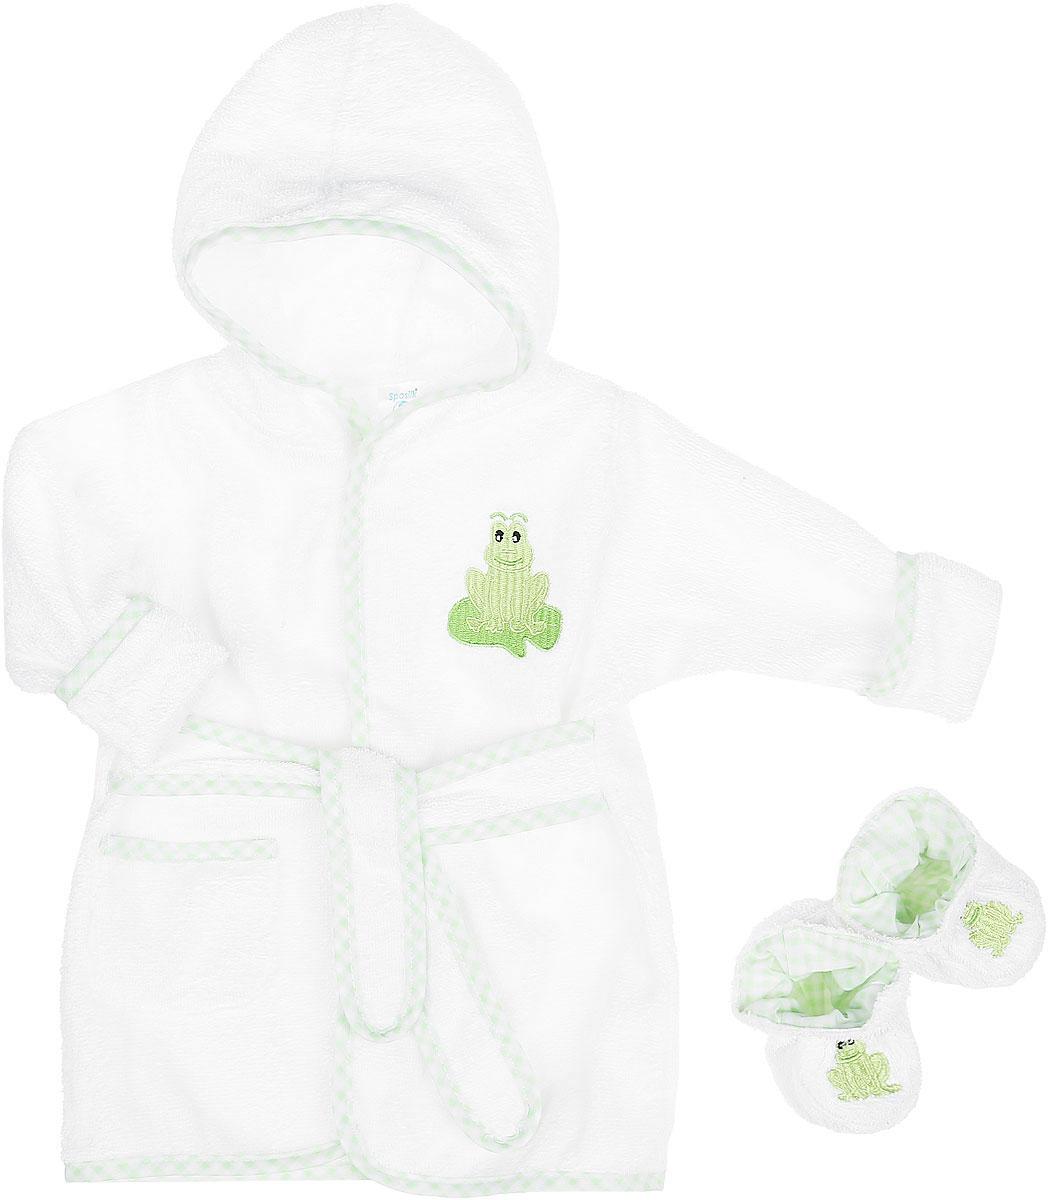 Комплект детский Spasilk Лягушка: халат, пинетки, цвет: белый, светло-зеленый. BR W05. Размер 0/9 месяцевBR W05Очаровательный комплект одежды Spasilk Лягушка состоит из халатика и пинеток. Комплект изготовлен из мягкой махровой ткани, которая отлично поглощает воду, массирует кожу, улучшая кровообращение, позволяет телу дышать. Изделие легкое и тактильно приятное. Уютный халат с капюшоном и длинными рукавами дополнен поясом на талии. На рукавах имеются декоративные отвороты. Спереди расположен накладной кармашек. Края изделия оформлены принтованной окантовкой. Модель украшена вышитой аппликацией в виде лягушки.На пинетках предусмотрена легкая хлопковая подкладка, оформленная принтом в клетку. Пинетки присборены на мягкие эластичные резинки для фиксации на ножках ребенка. Украшено изделие вышитой аппликацией в виде лягушат. Такой комплект одежды станет идеальным дополнением к детскому гардеробу. Мягкий махровый халатик и удобные пинетки защитят кроху от охлаждения после водных процедур.